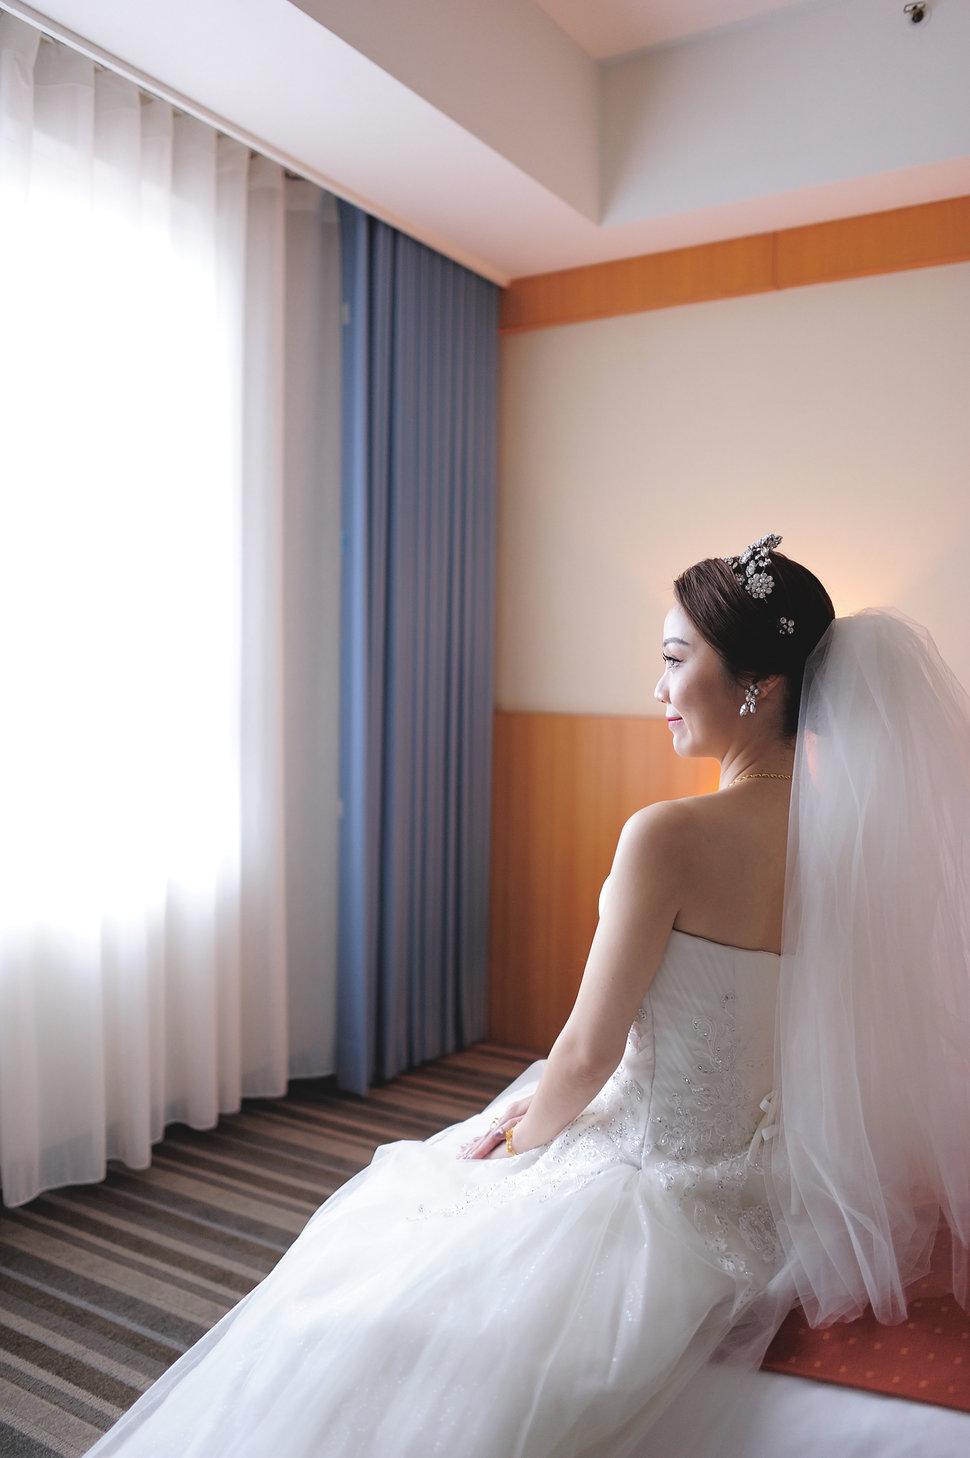 40 - J-Love 婚禮攝影團隊《結婚吧》